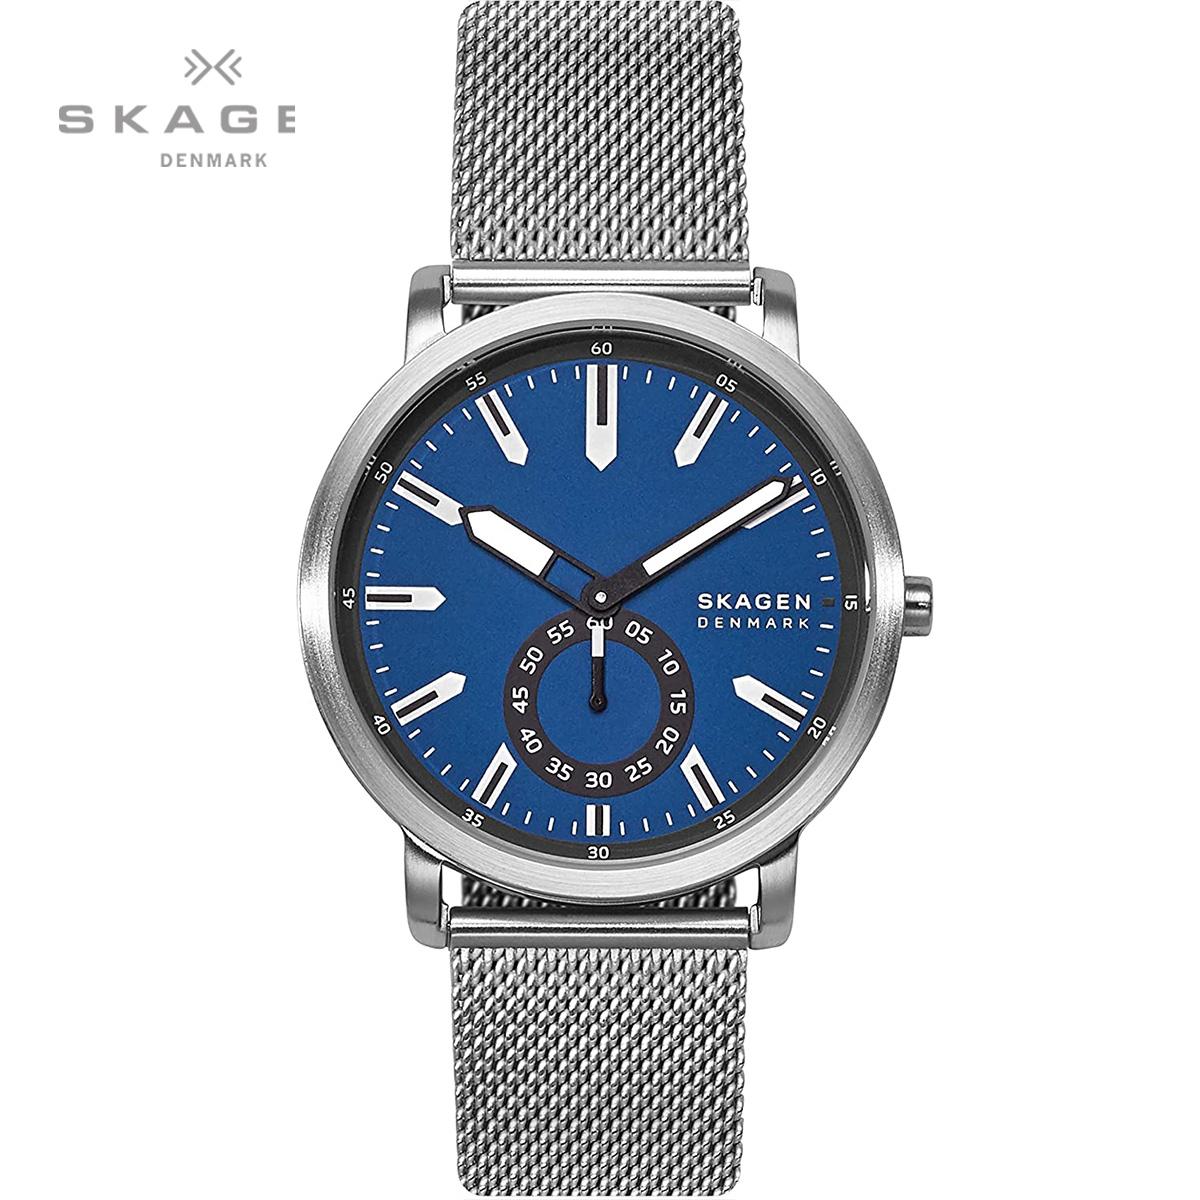 時計 腕時計 送料無料 お気にいる 『1年保証』 全品送料無料 スカーゲン メンズ COLDEN SKAGEN コールデン SKW6610